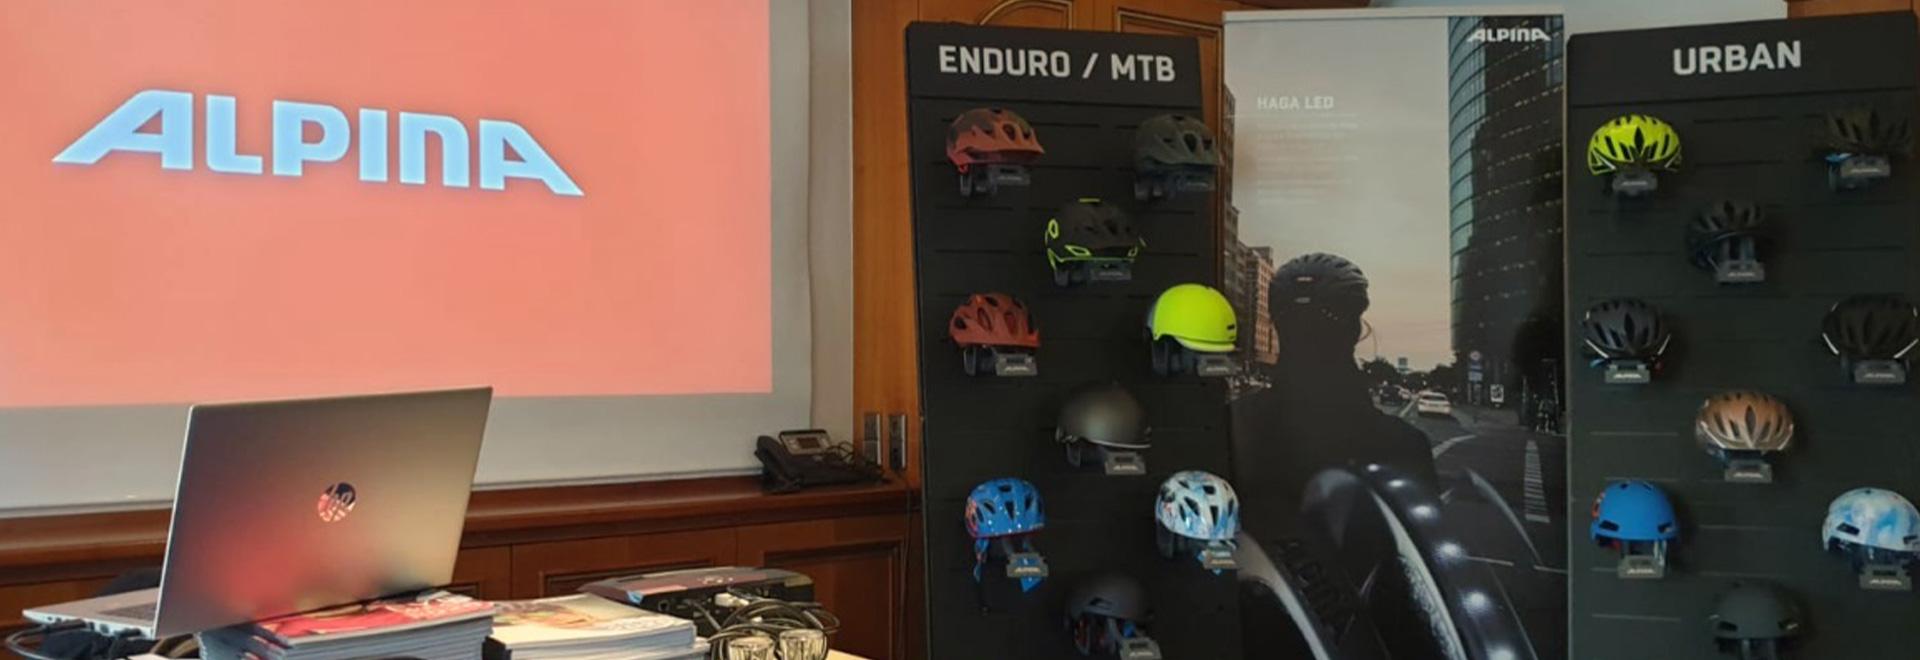 Zu Besuch bei Alpina - Einblicke in die Helmproduktion